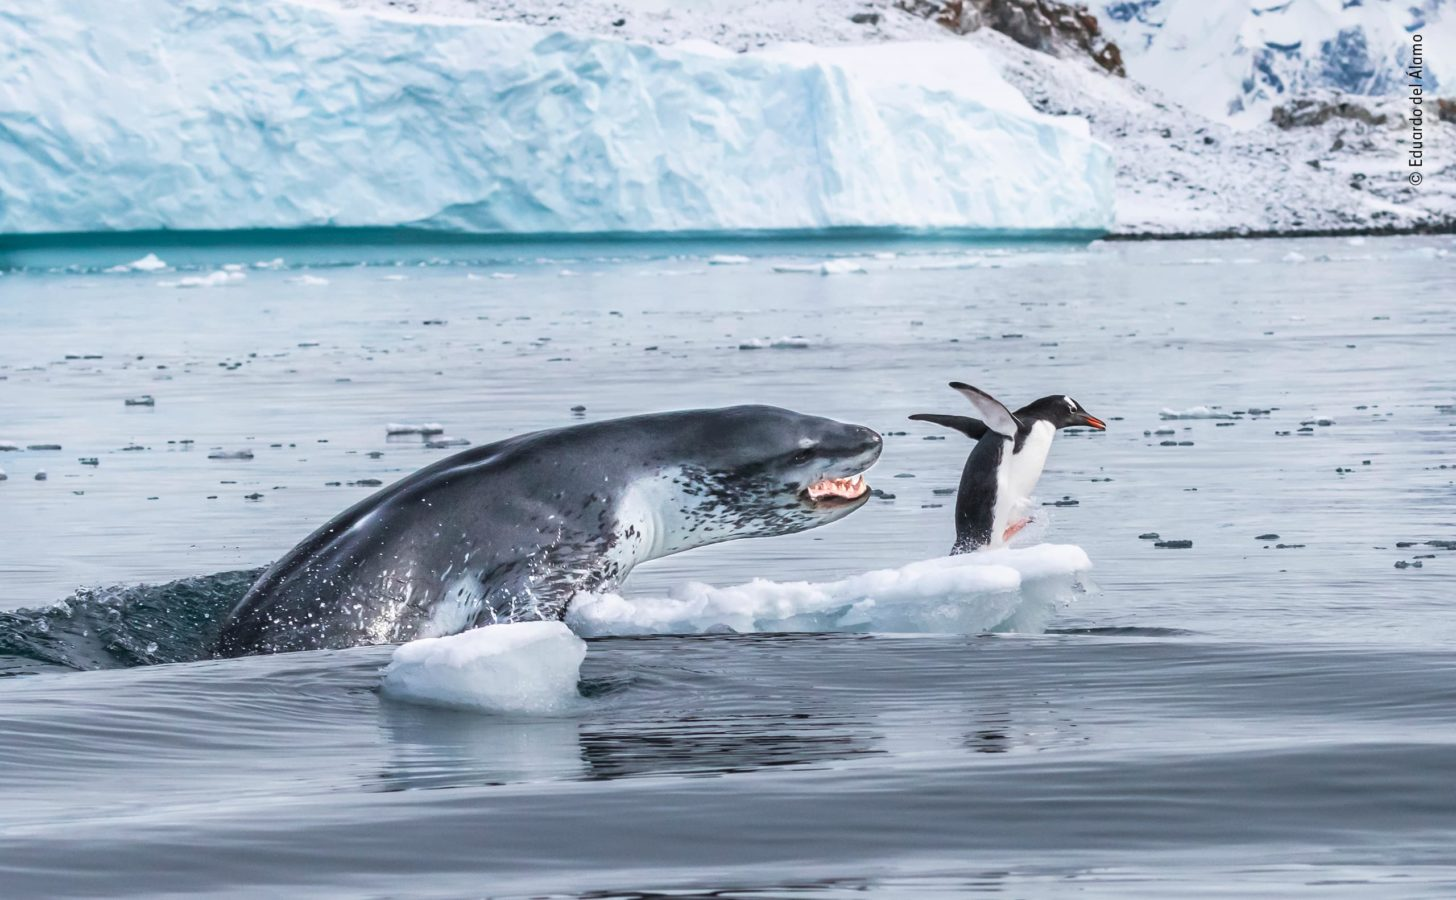 Pinguim com asas erguidas corre de uma foca sobre um pedaço de gelo.